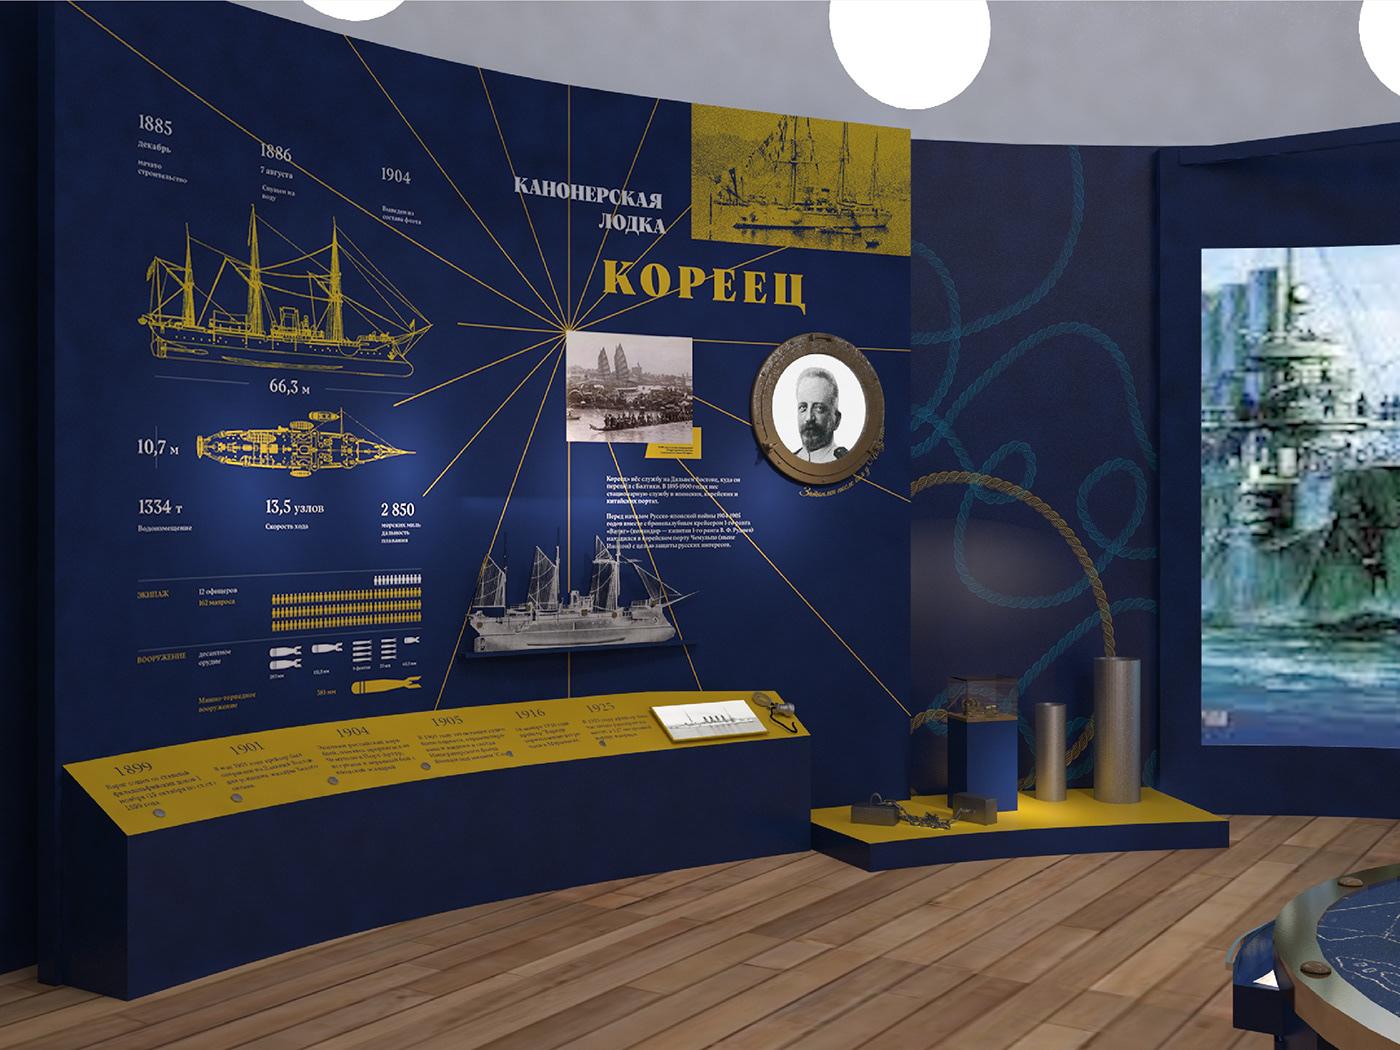 Image may contain: ship, screenshot and indoor